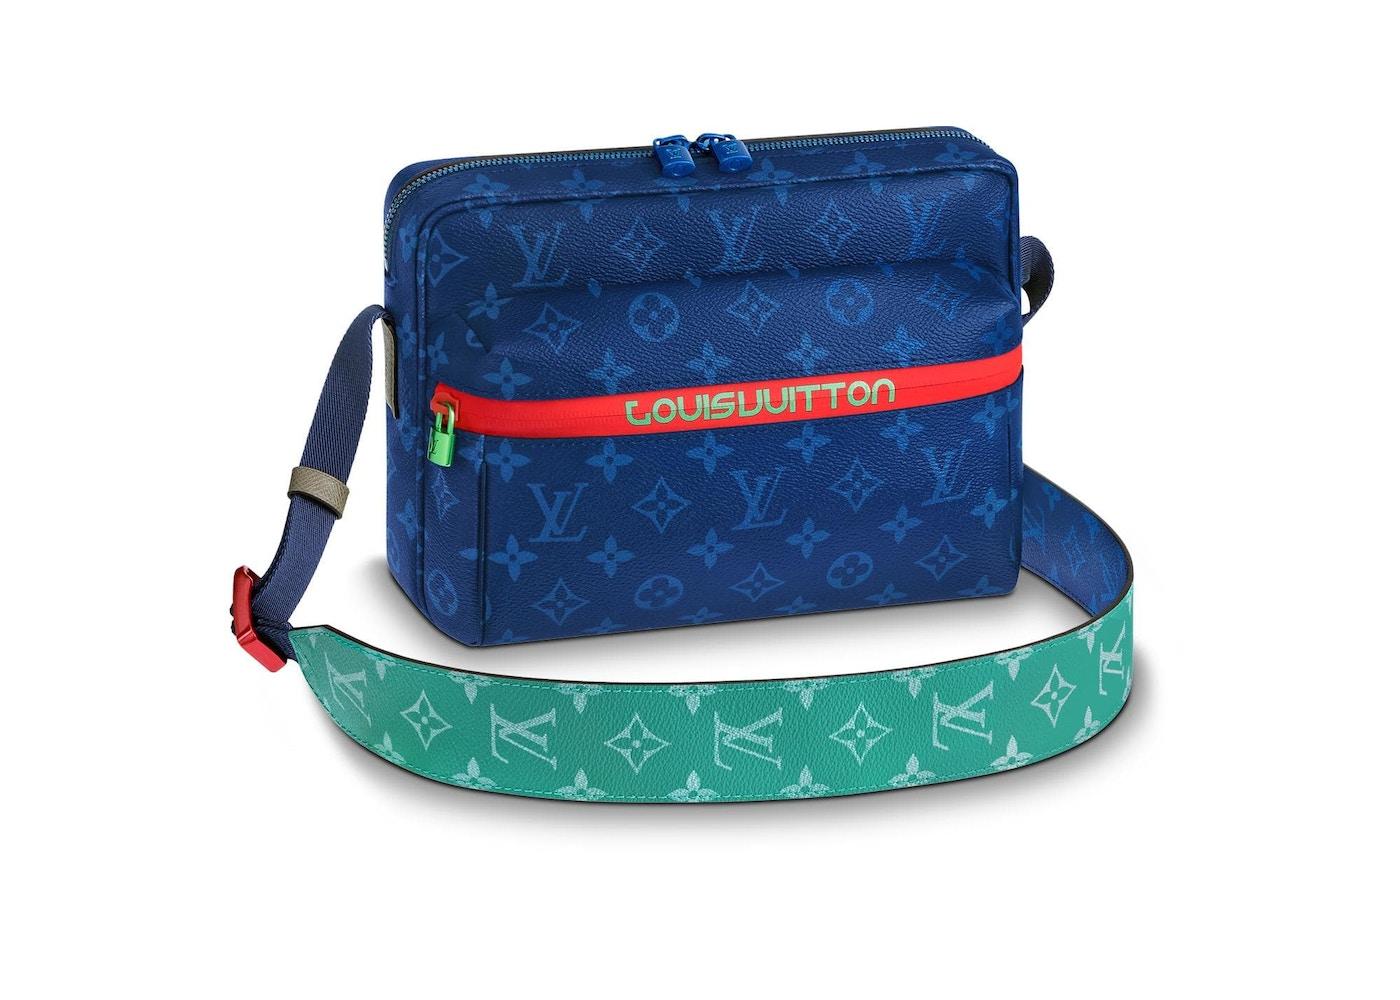 5323501a335d Louis Vuitton Messenger Outdoor Monogram PM Pacific